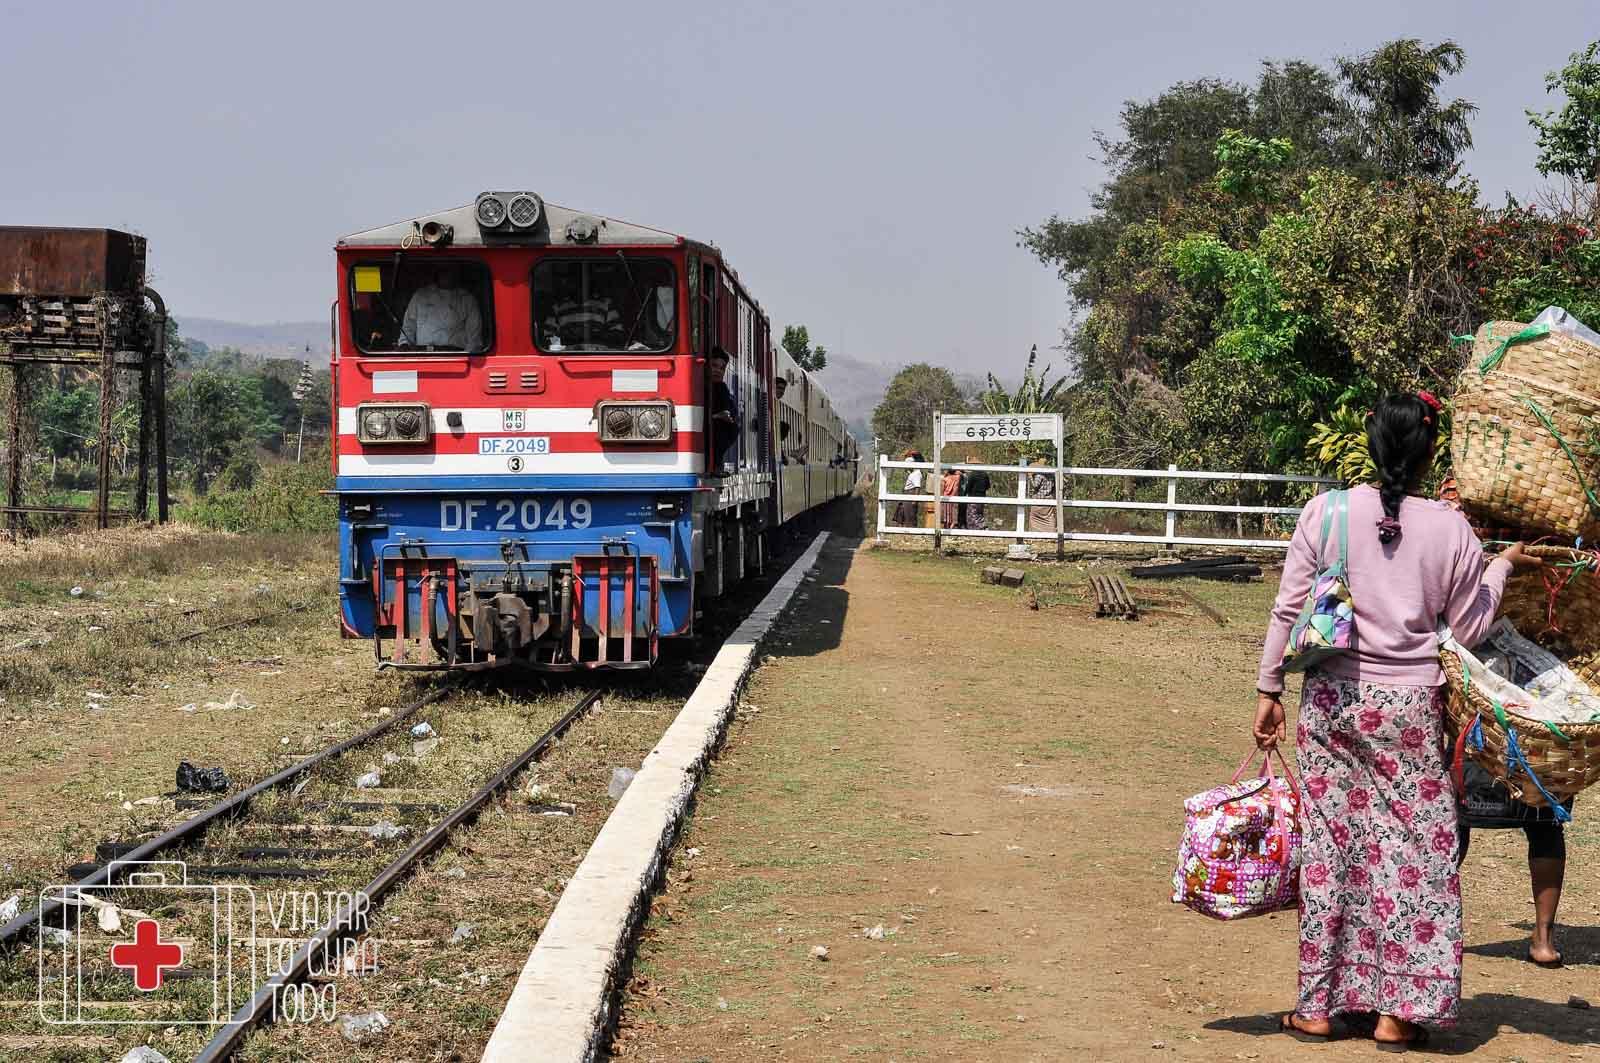 Tren para cruzar el viaducto de Gokteik